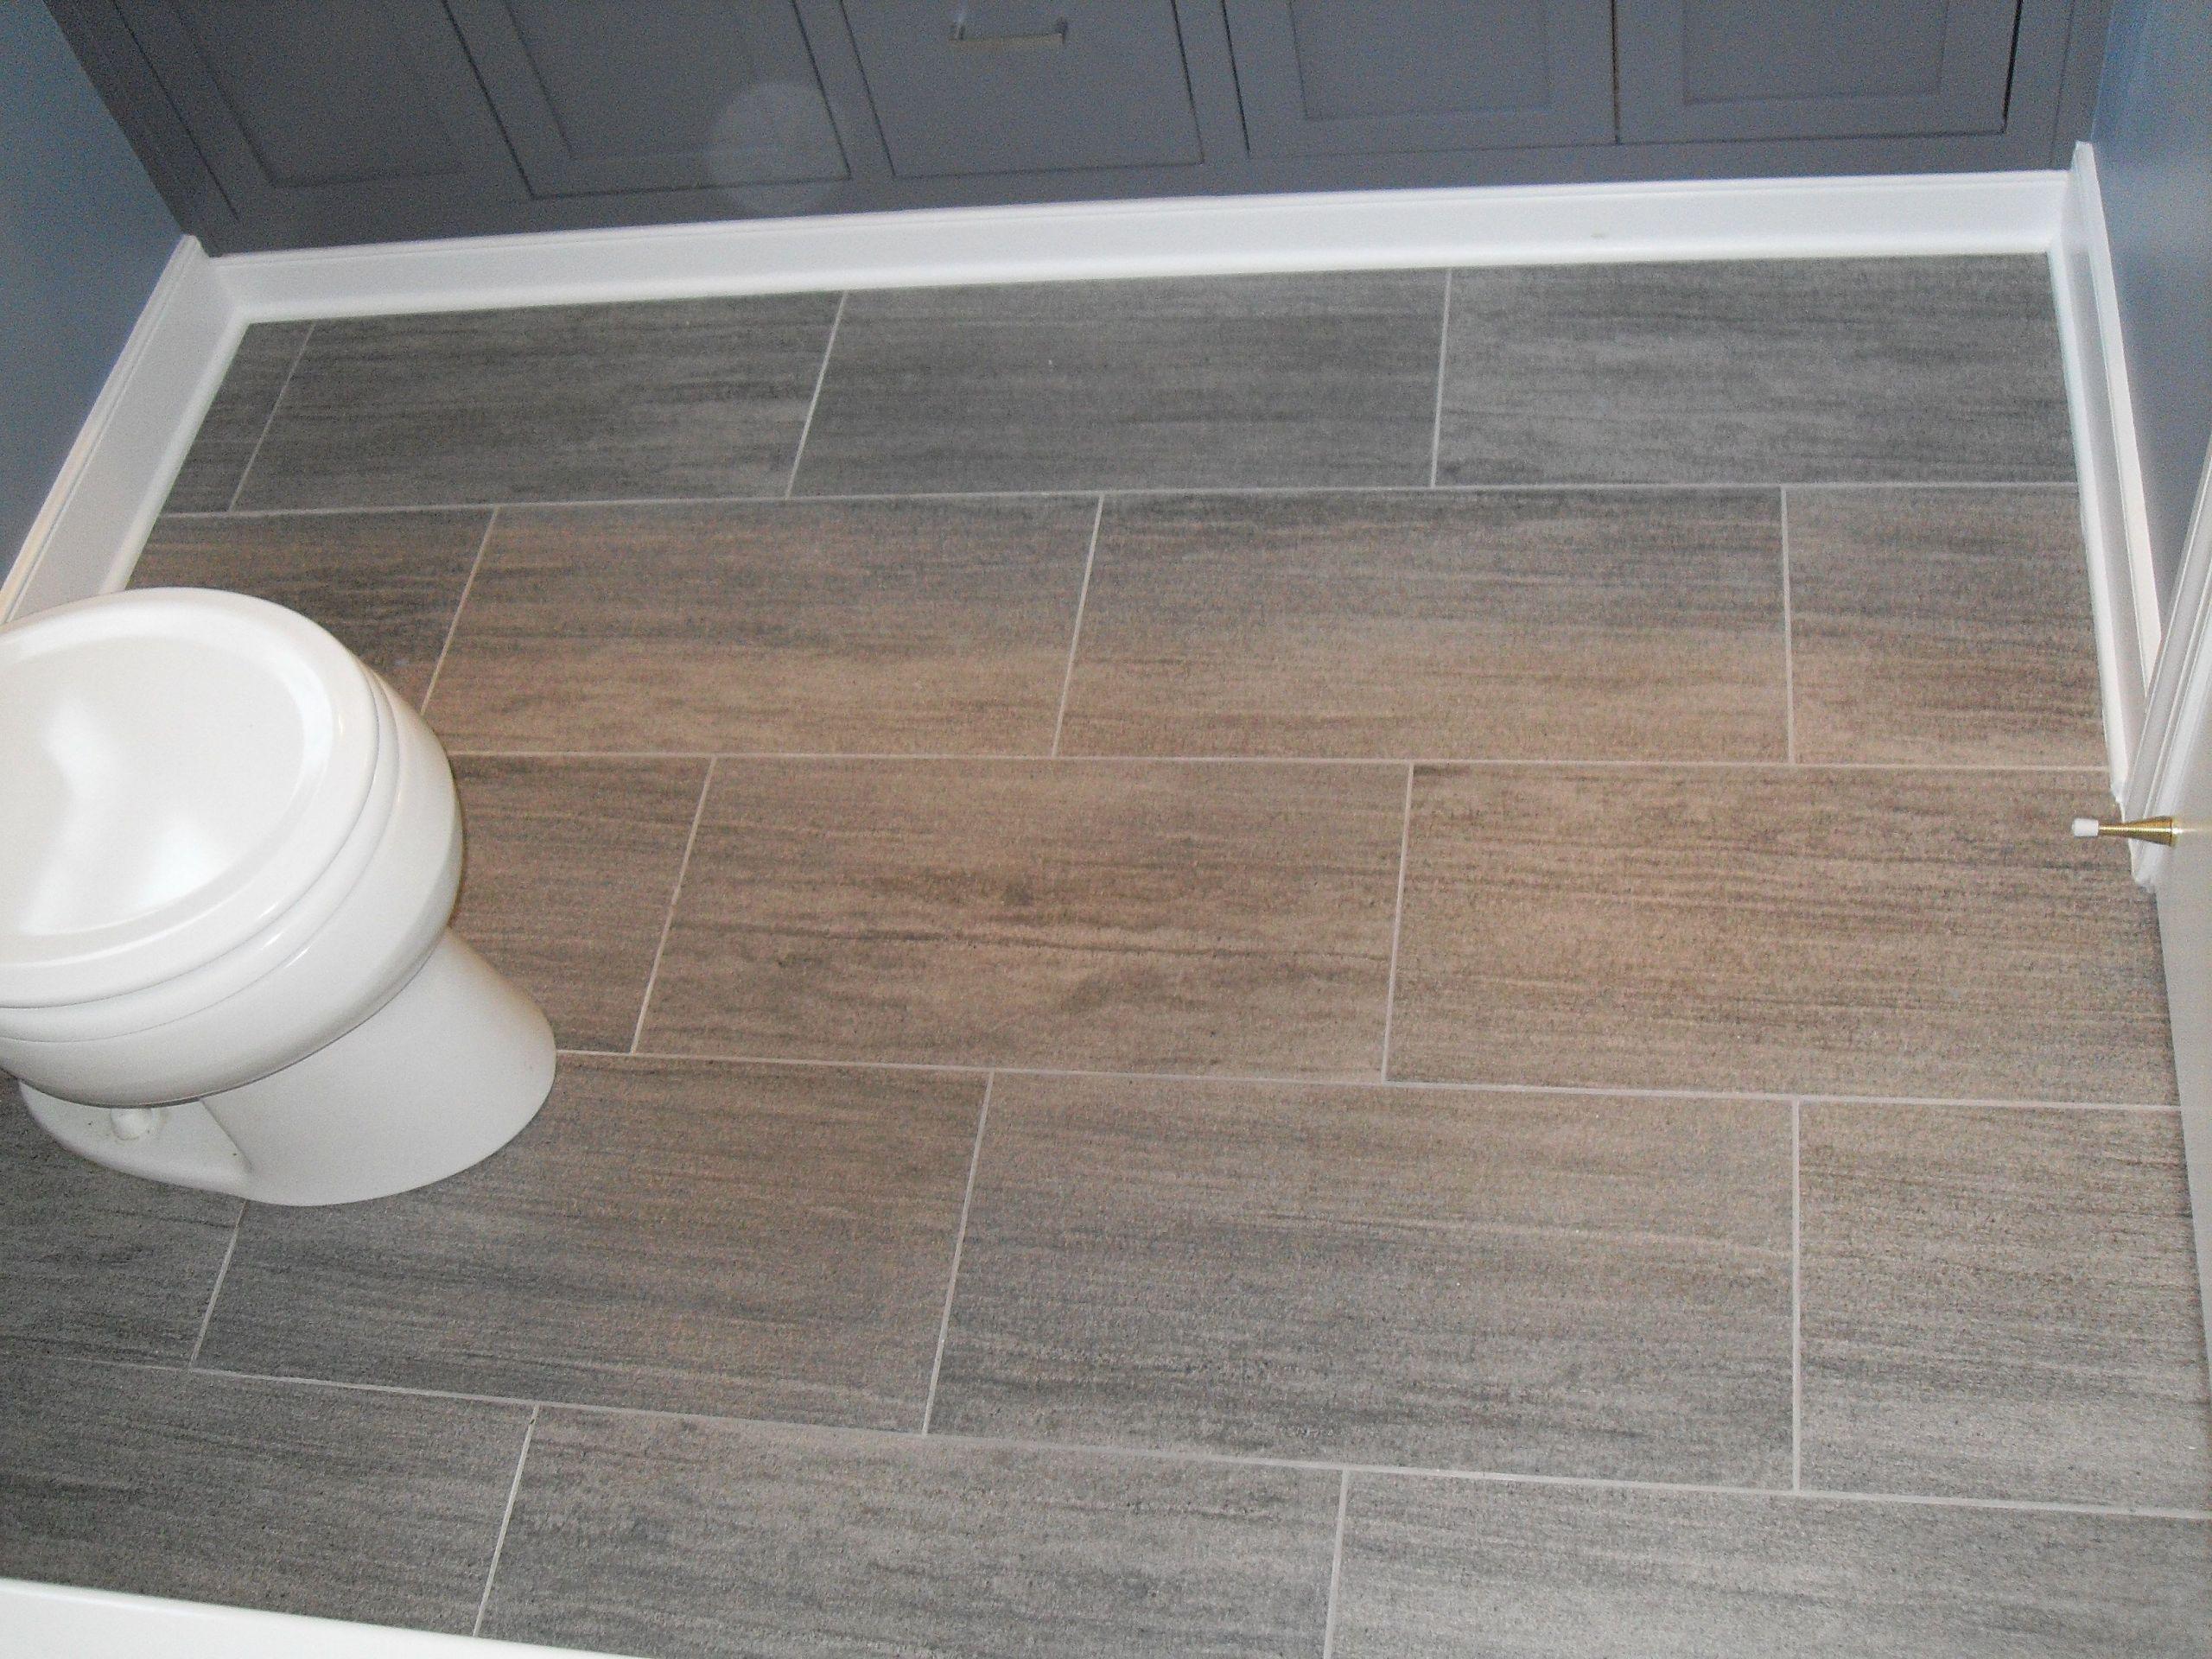 Bathroom Ceramic Floor Tile Ideas  Bathroom Floor Tile Ideas and Warmer Effect They Can Give